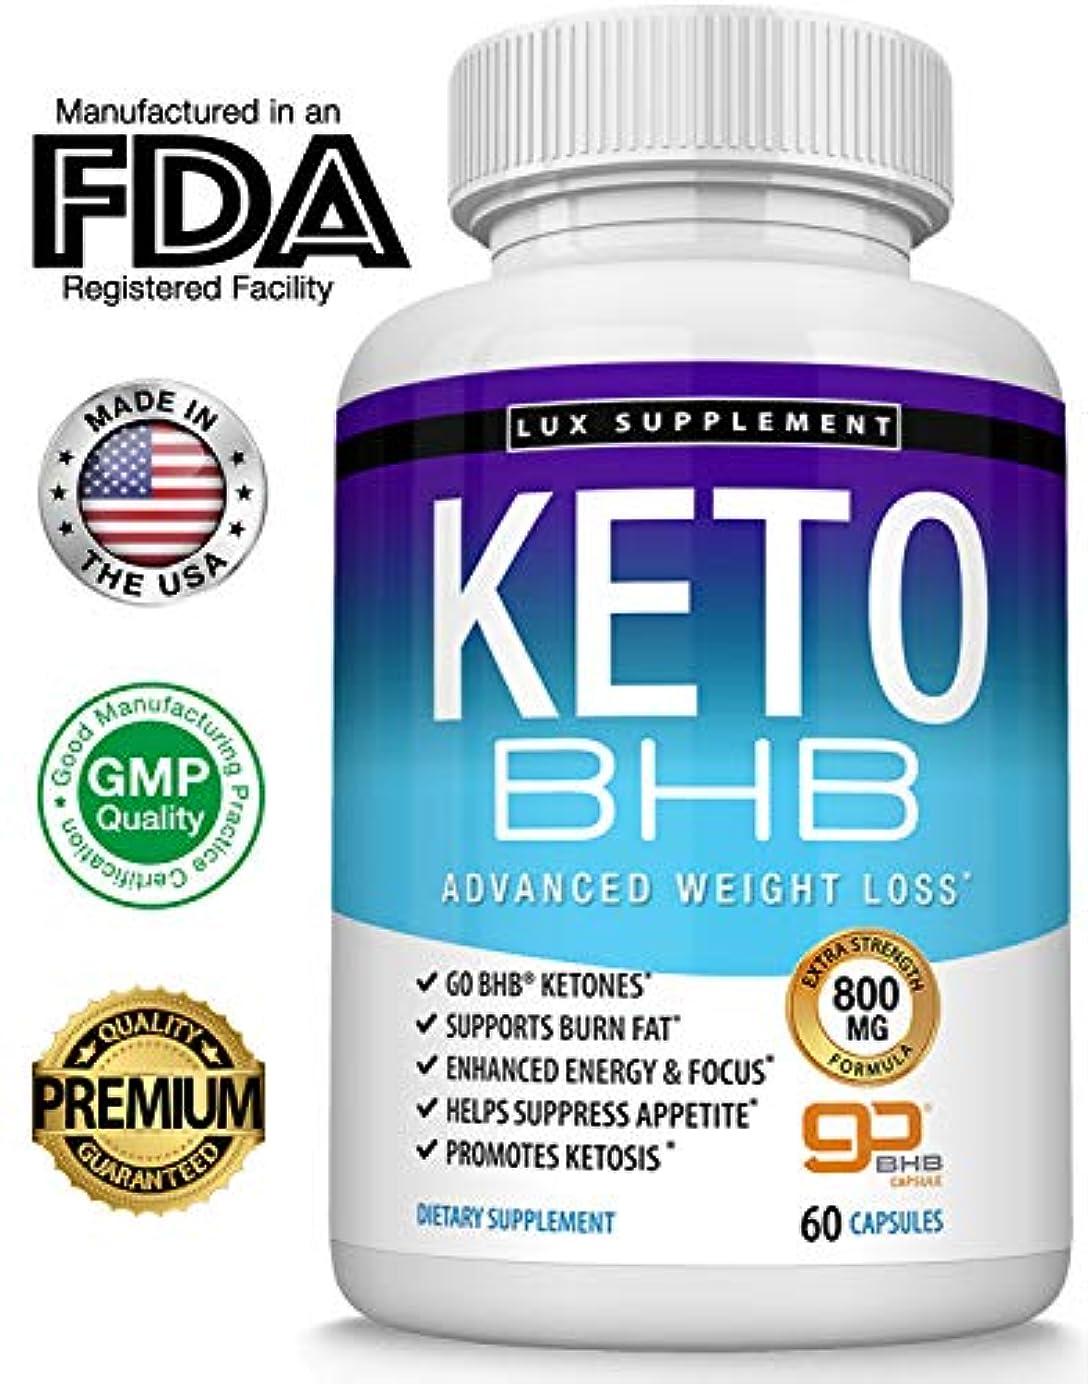 普通に卒業記念アルバム申請中Lux Supplement ケト BHB Keto Pills Advanced ケトジェニック ダイエット 燃焼系 サプリ 60粒 [海外直送品]